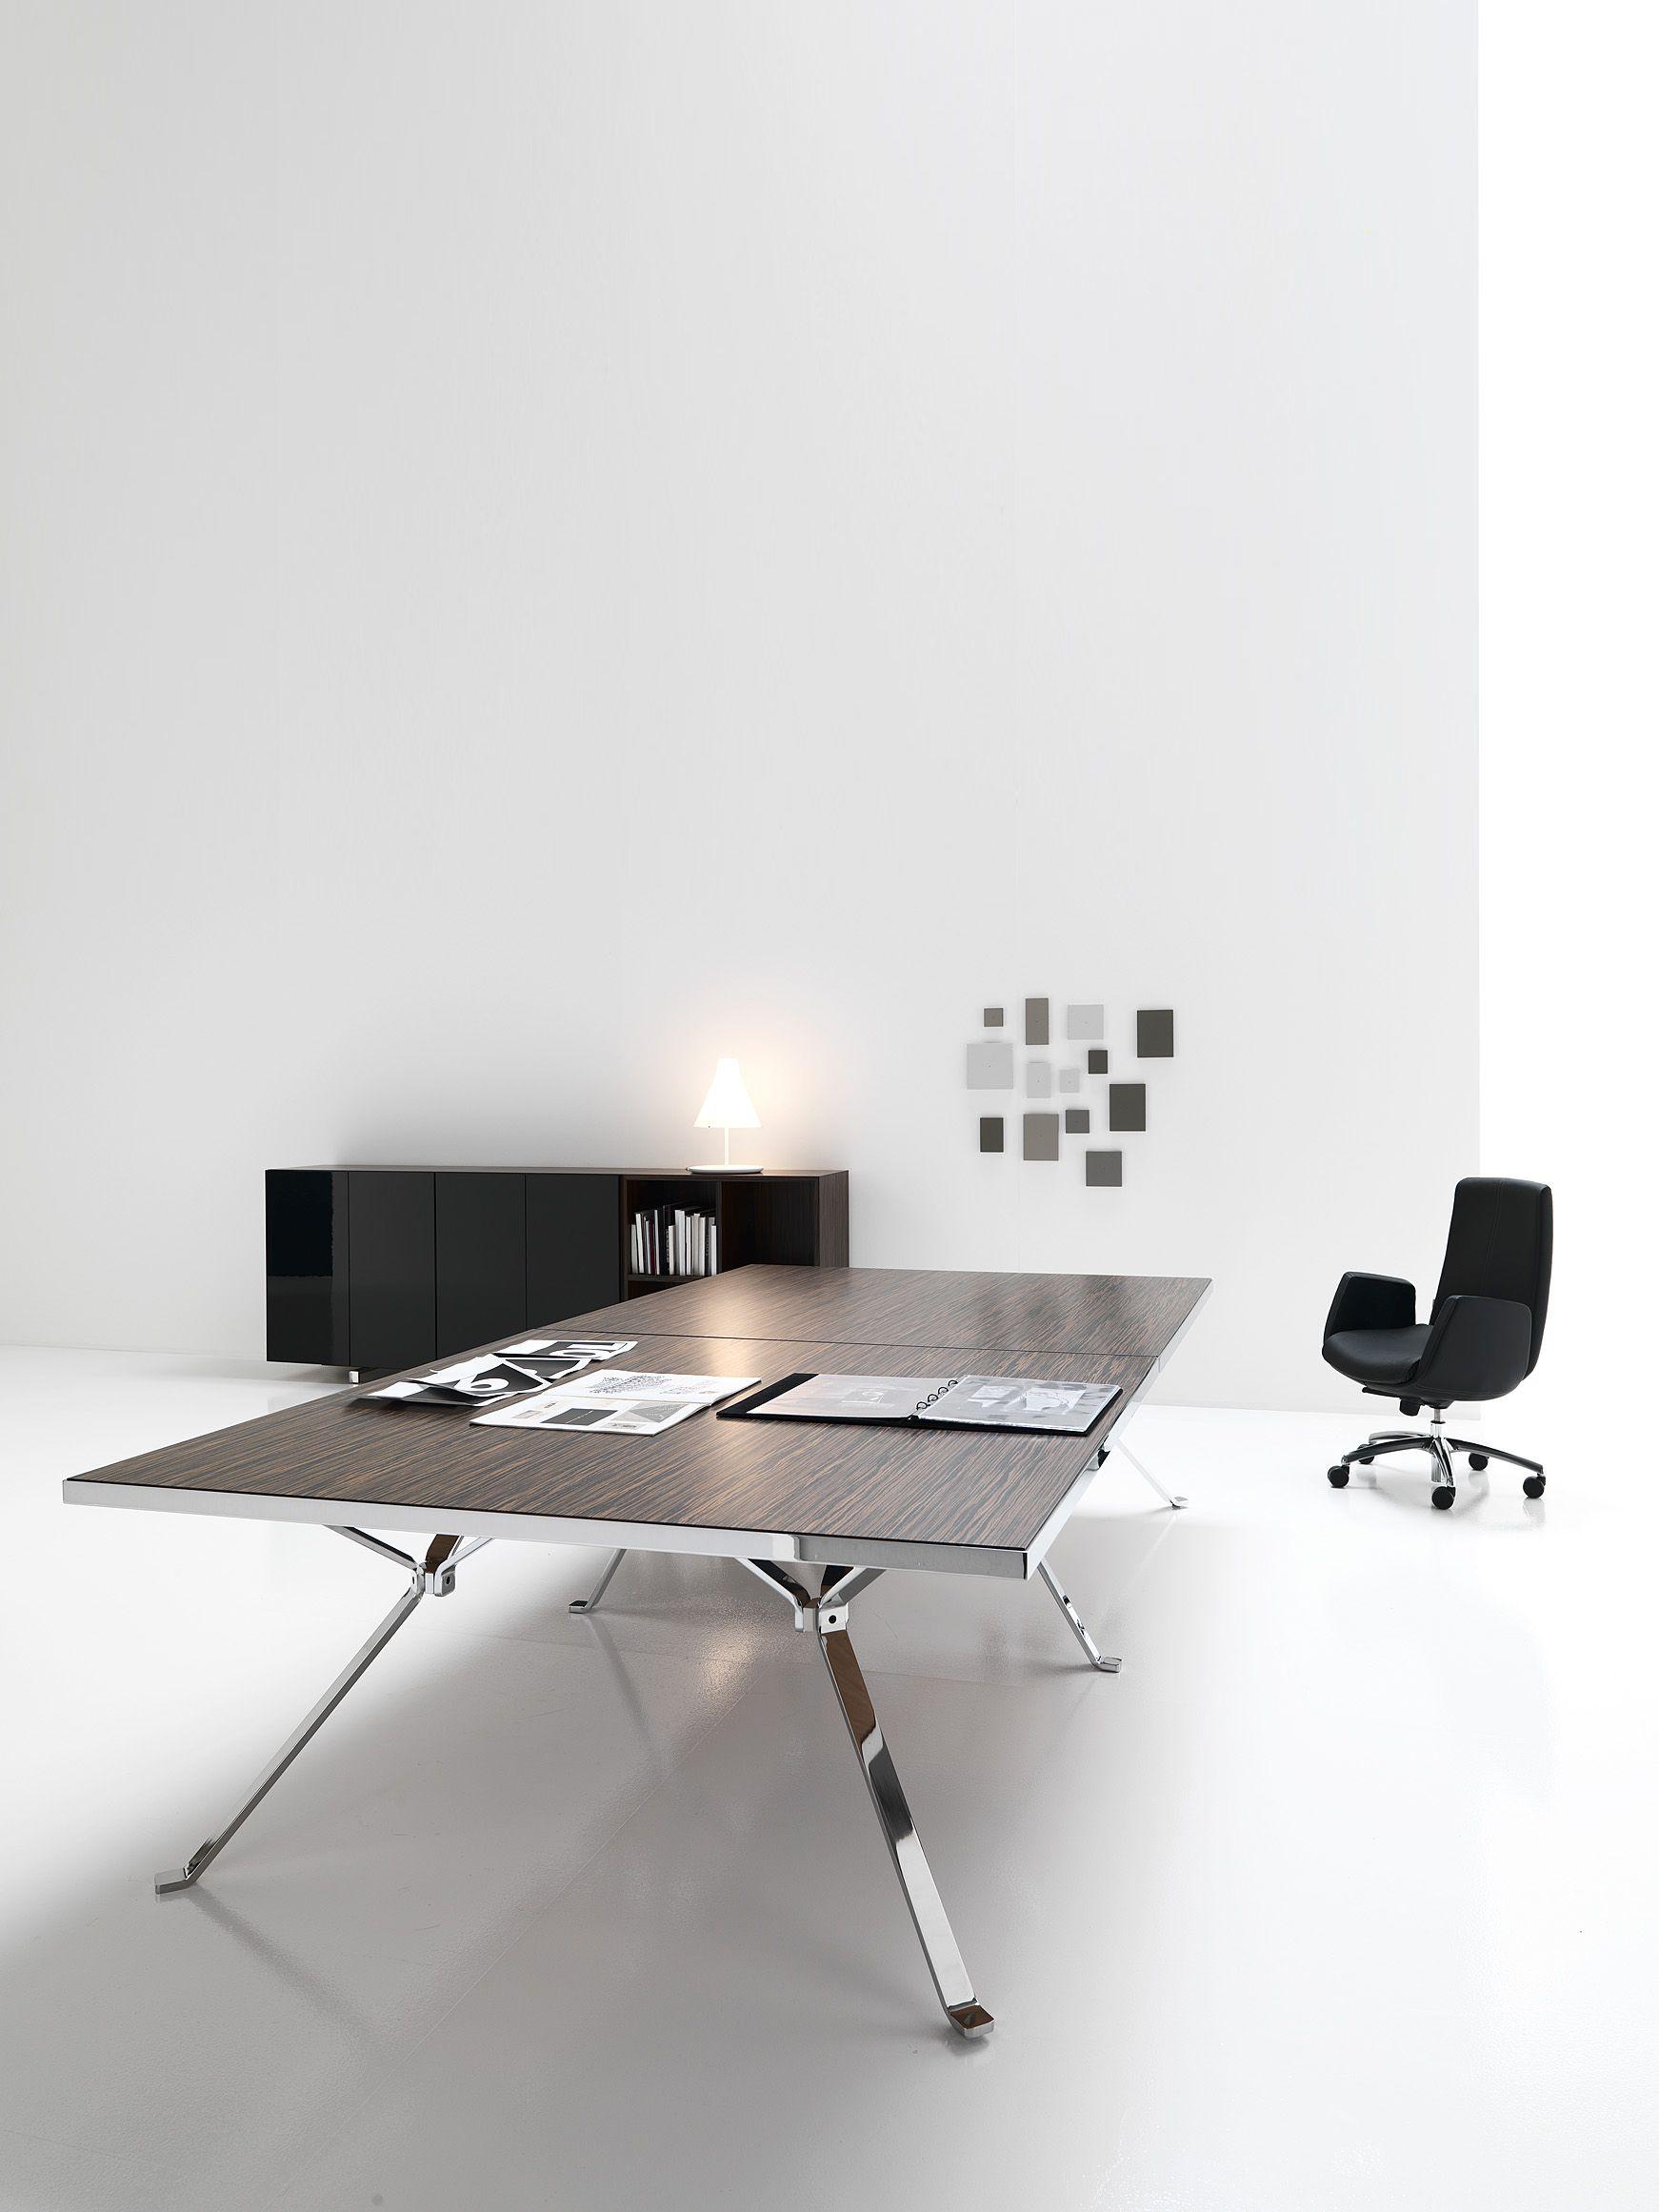 Office Image Kantoormeubelen.Havic Kantoormeubelen Kantoorinrichting Modern Design